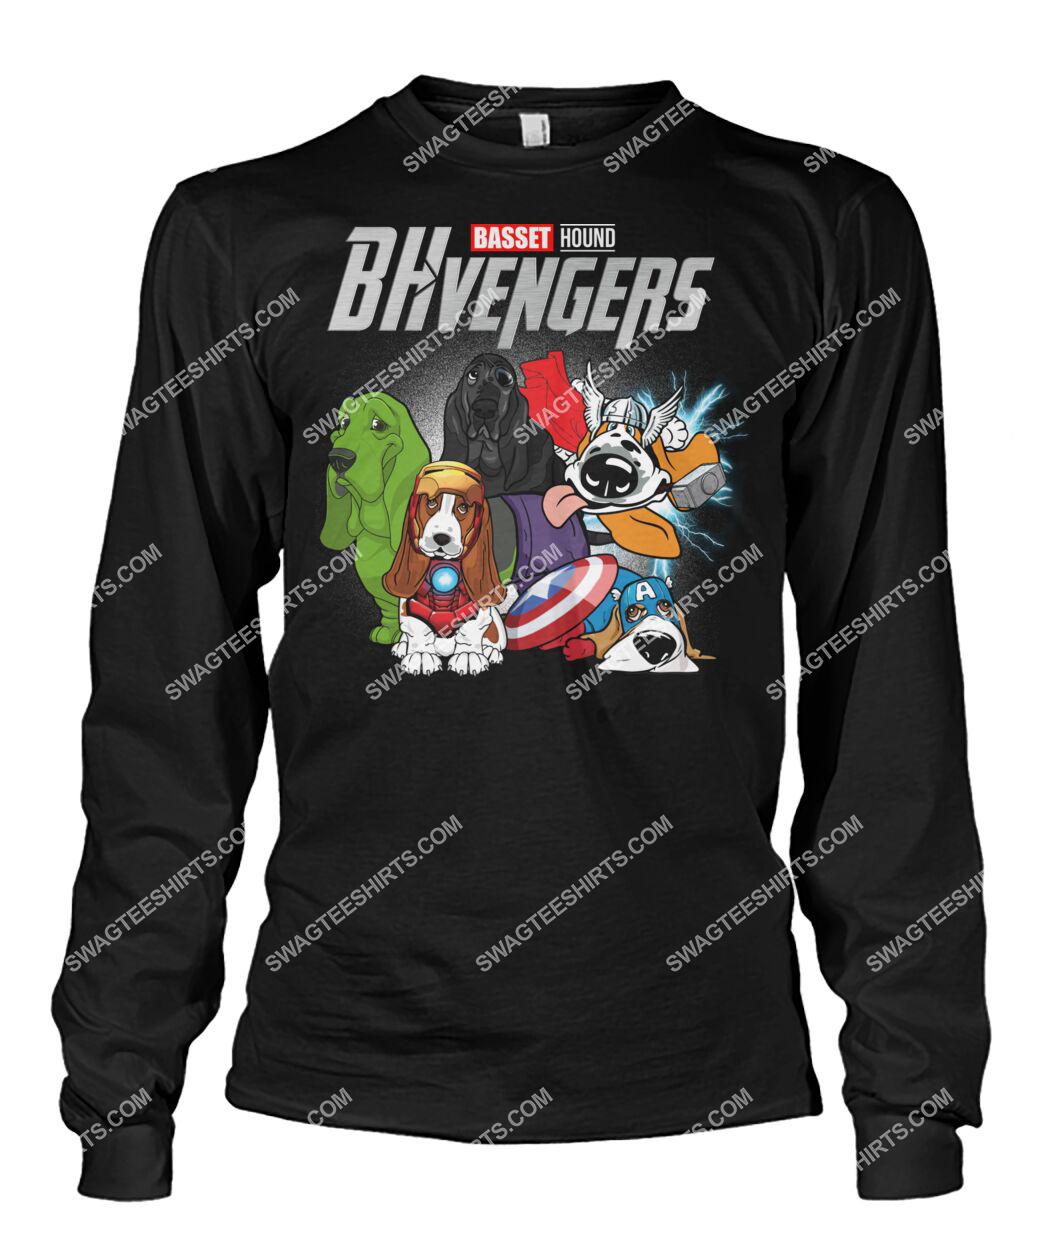 basset hound bhvengers marvel avengers dogs lover sweatshirt 1